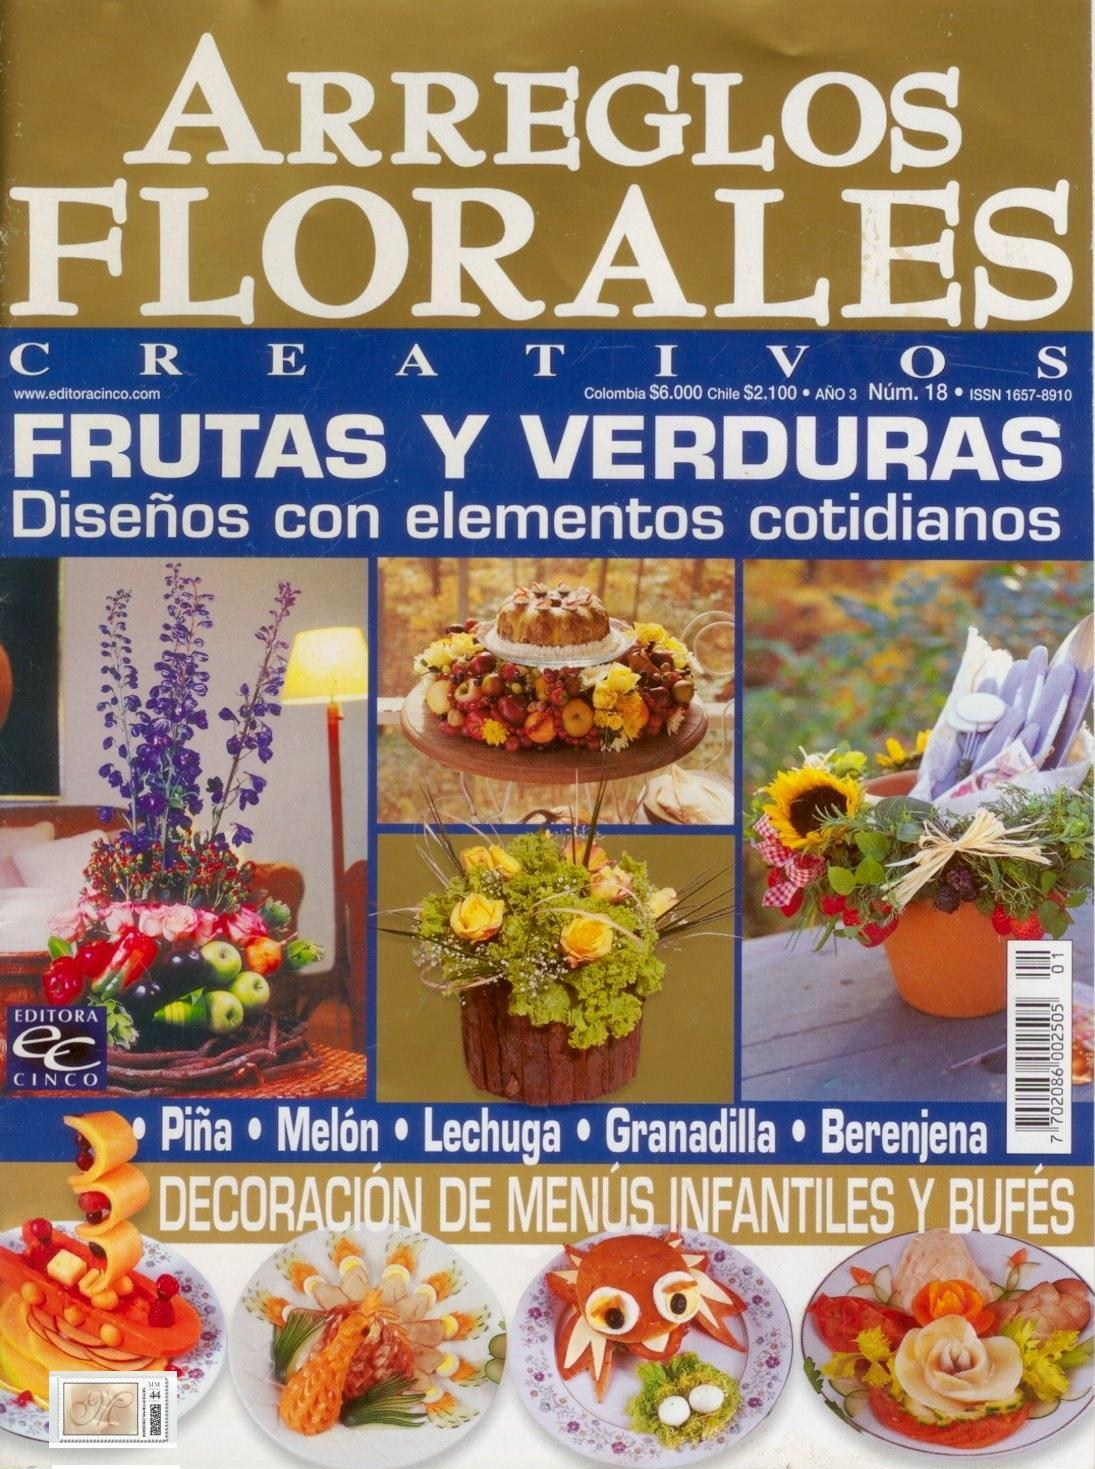 Manualidades arreglos florales creativos - Arreglos florales creativos ...